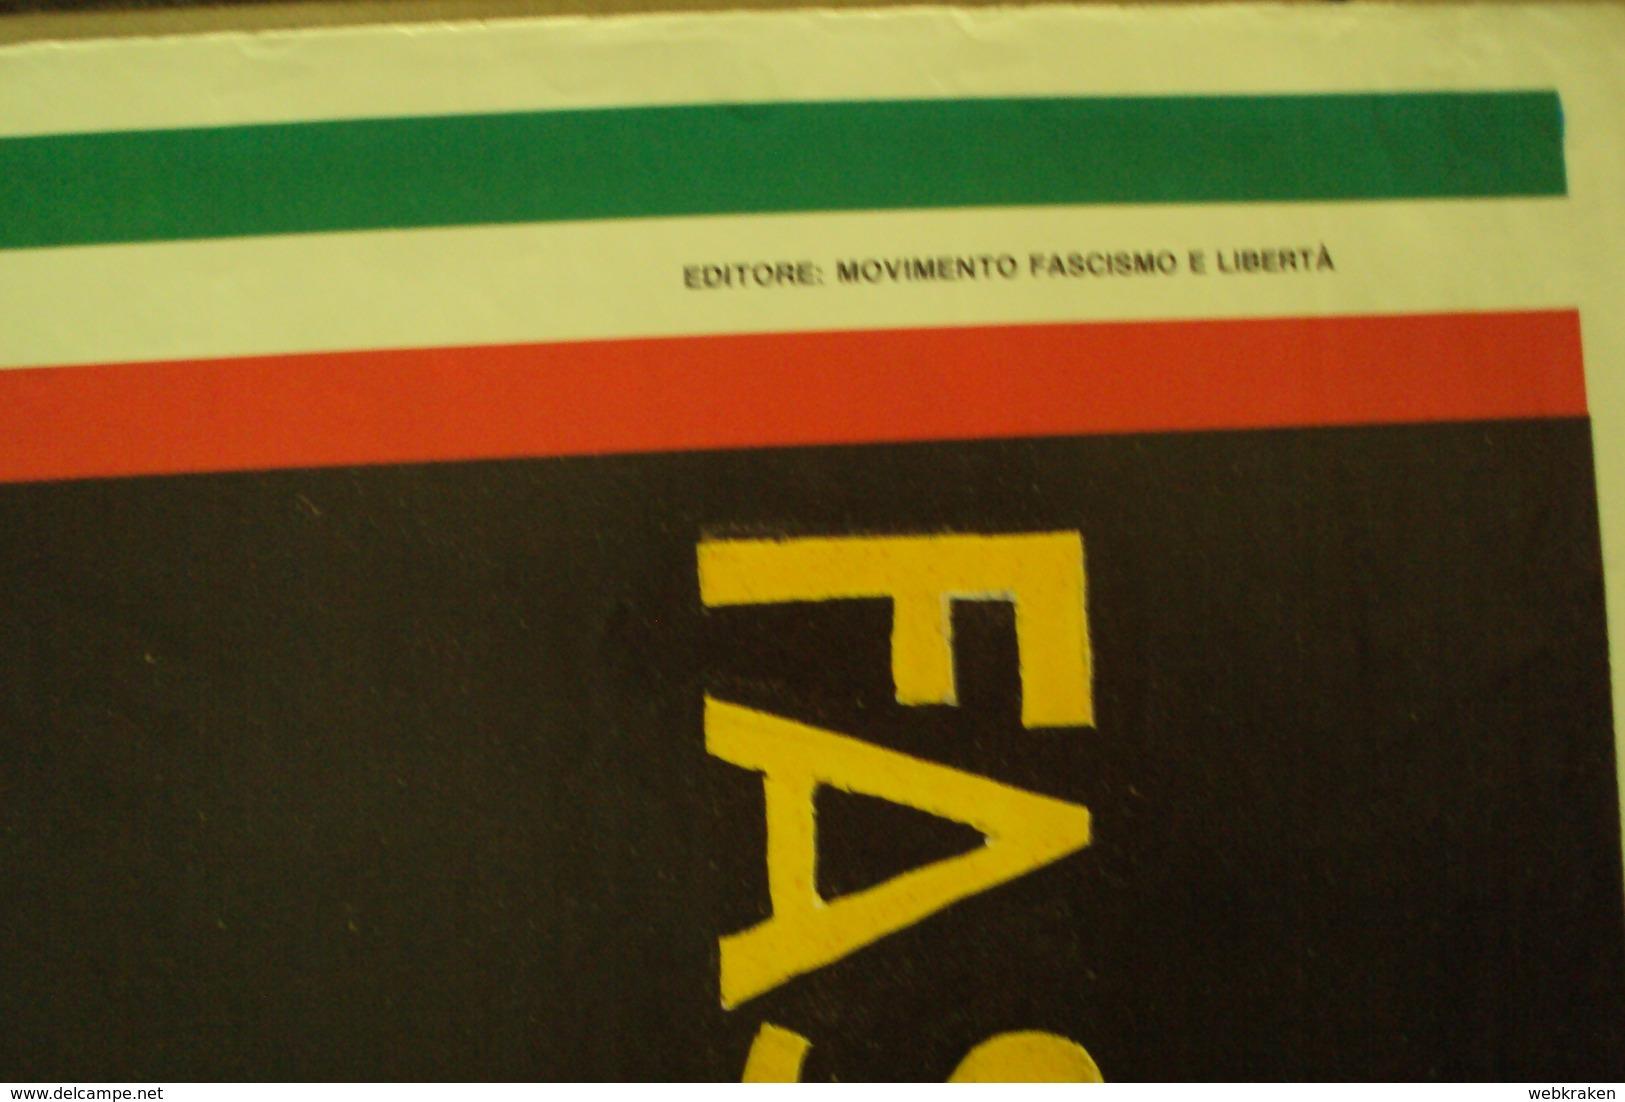 POSTER LOCANDINA FASCISMO PARTITI POLITICI POLITICA MOVIMENTO FASCISMO E LIBERTÀ MISURA CM.100 X 69 - Manifesti & Poster